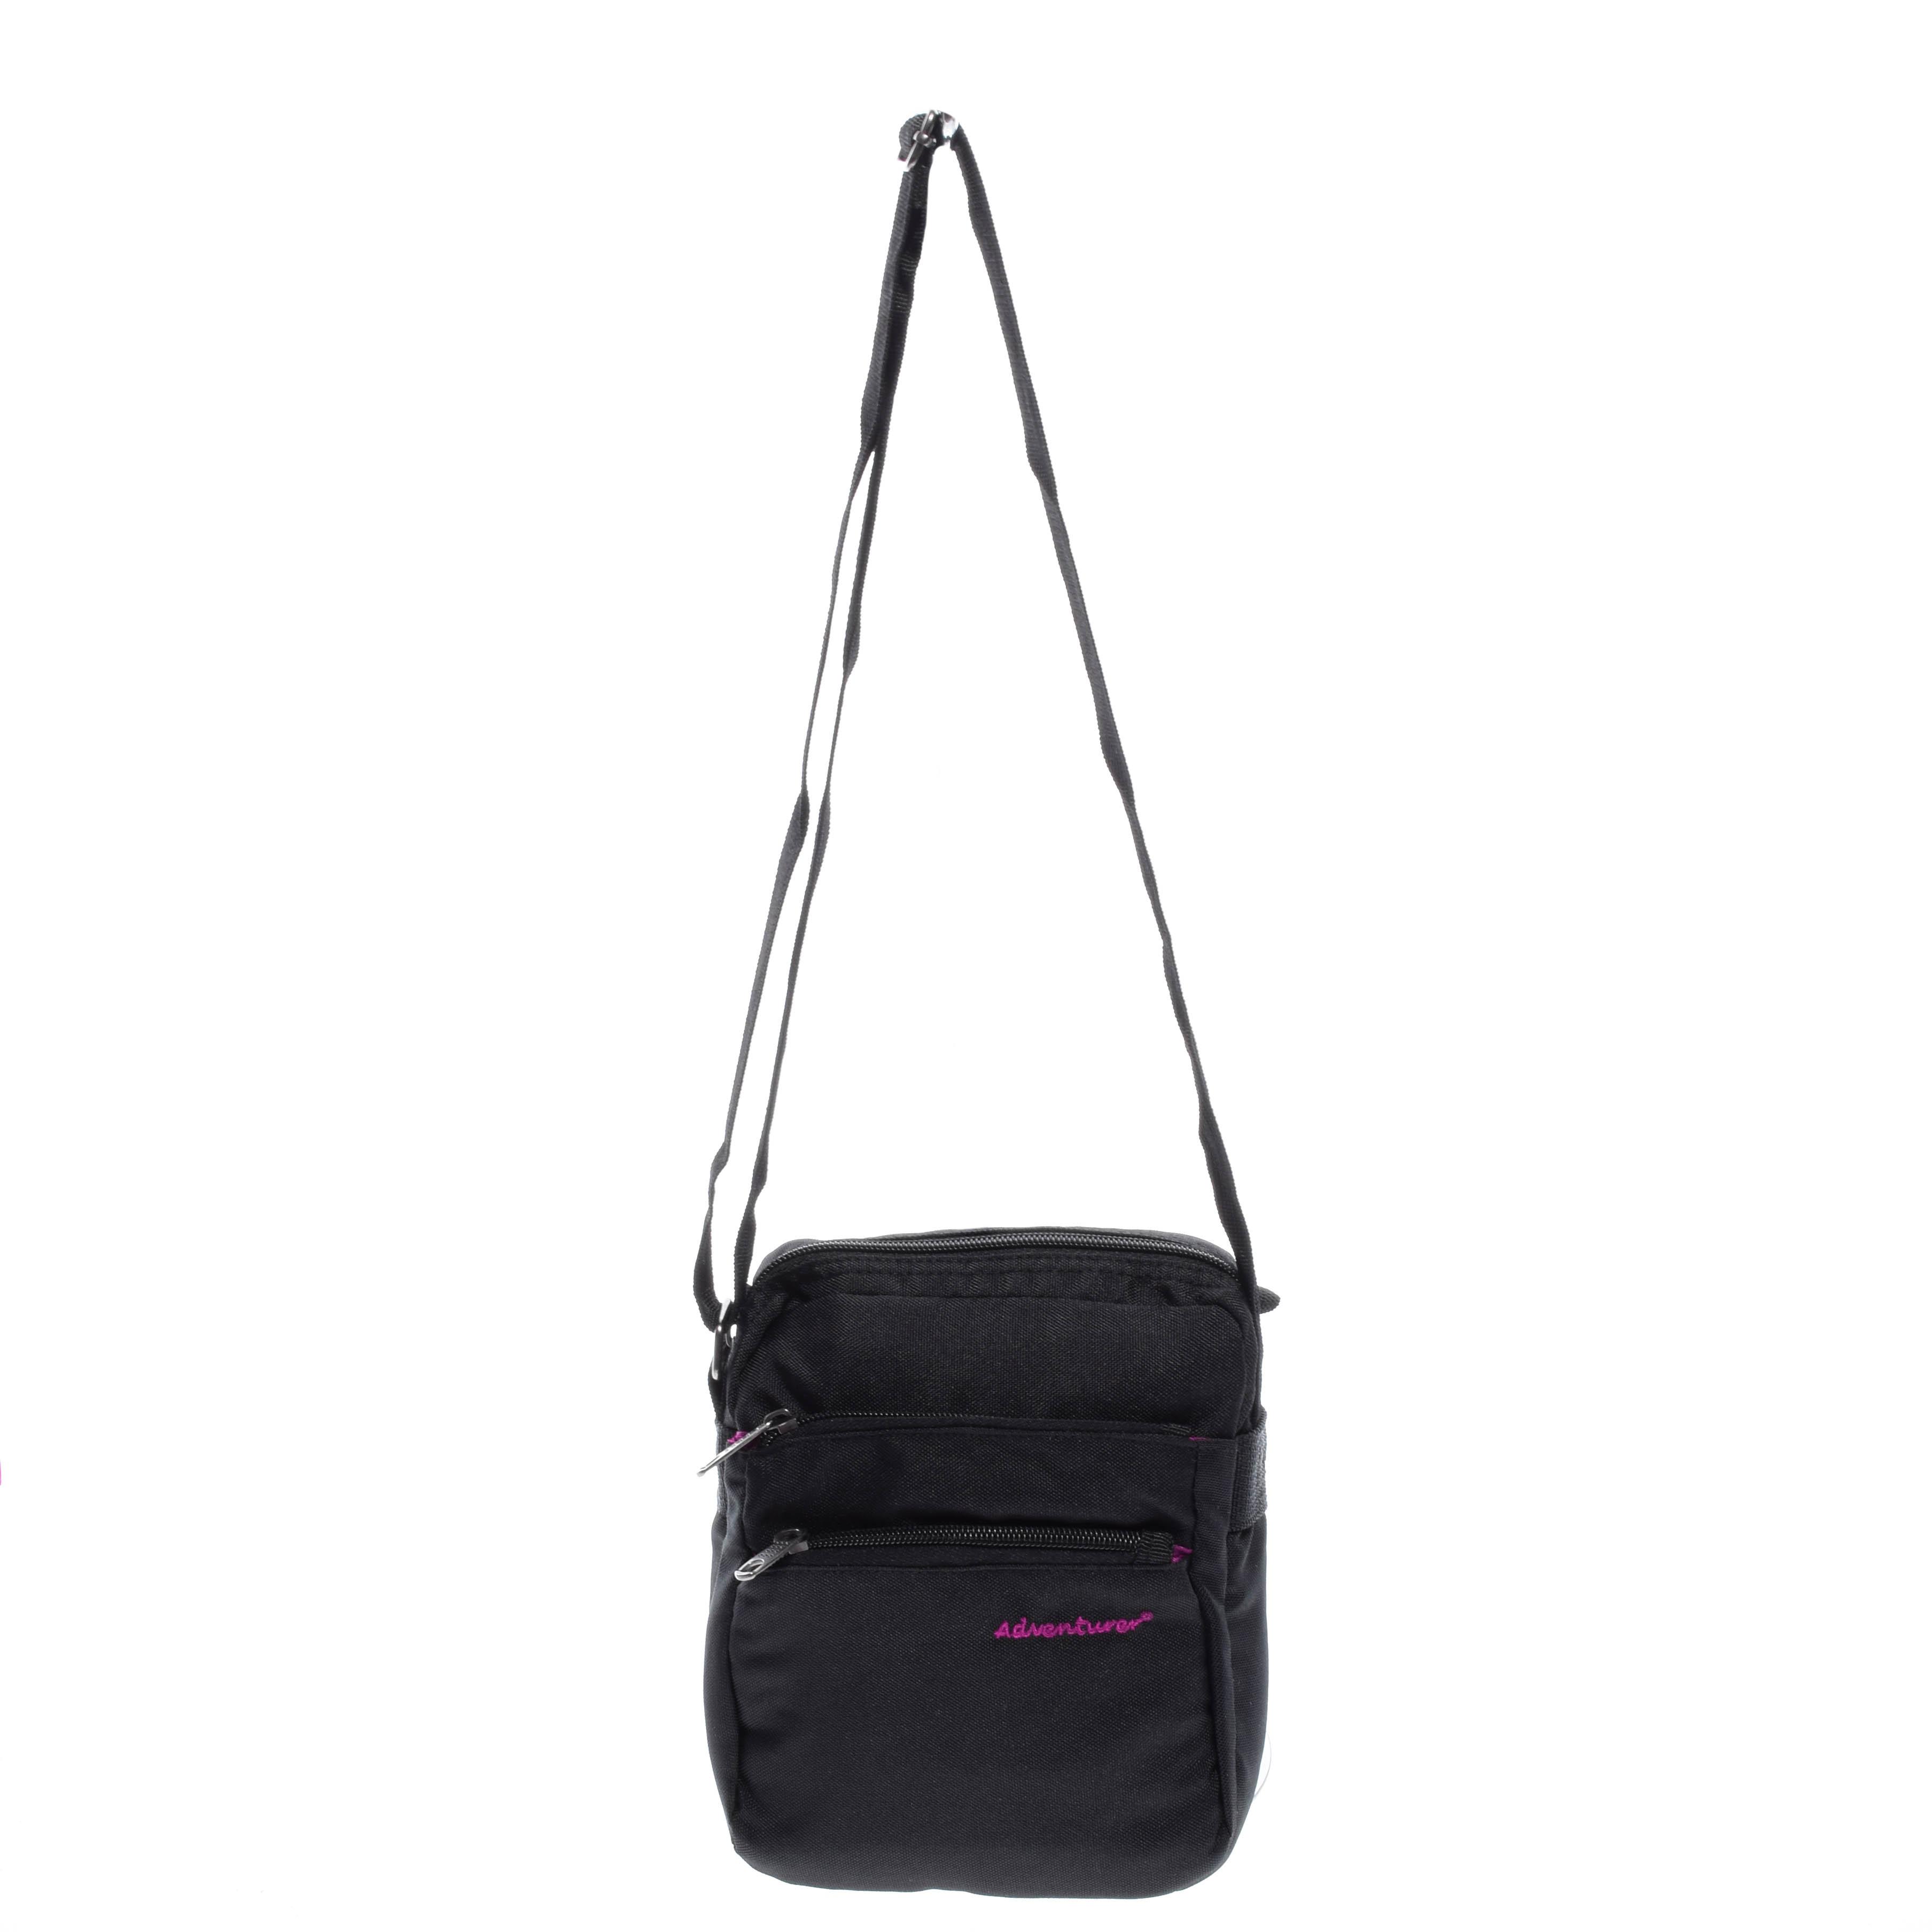 cc389d088426 Adventurer Fekete/Rózsaszín Oldaltáska - OLDALTÁSKÁK - Táska webáruház -  Minőségi táskák mindenkinek